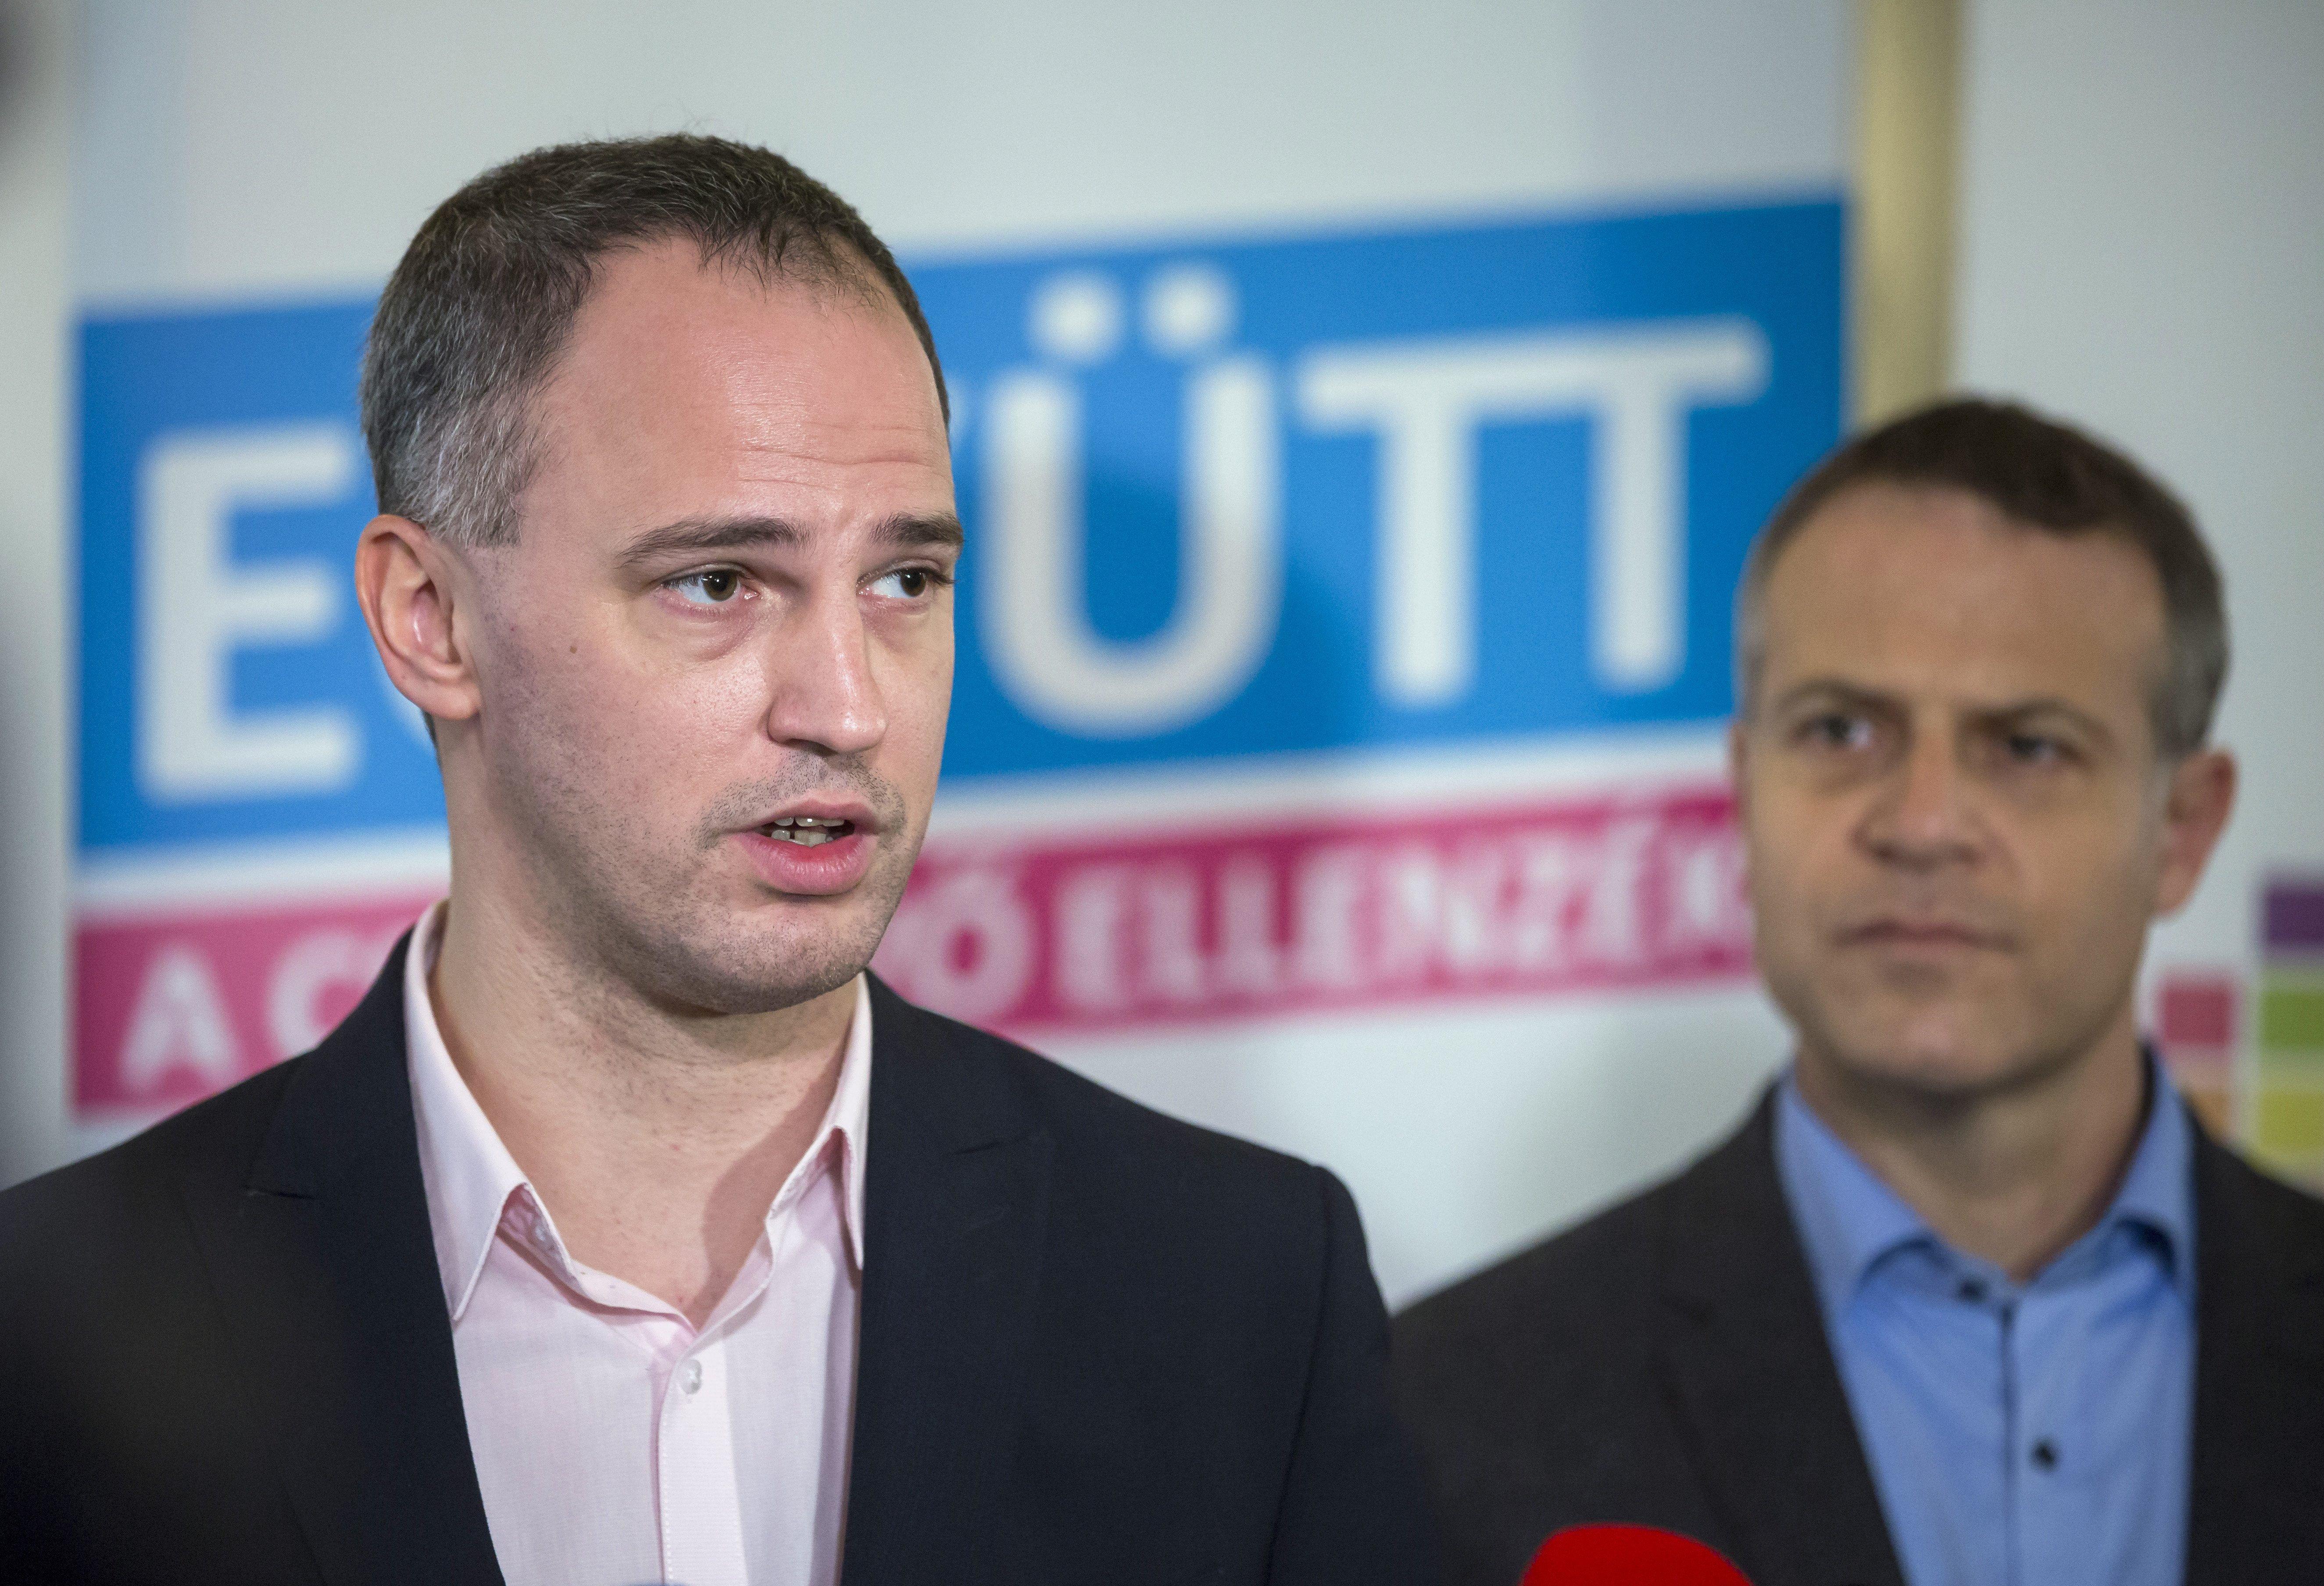 Eddig nem volt baja az ÁSZ-nak az ellenzék irodáival, most hirtelen öt pártot is megbüntetnének